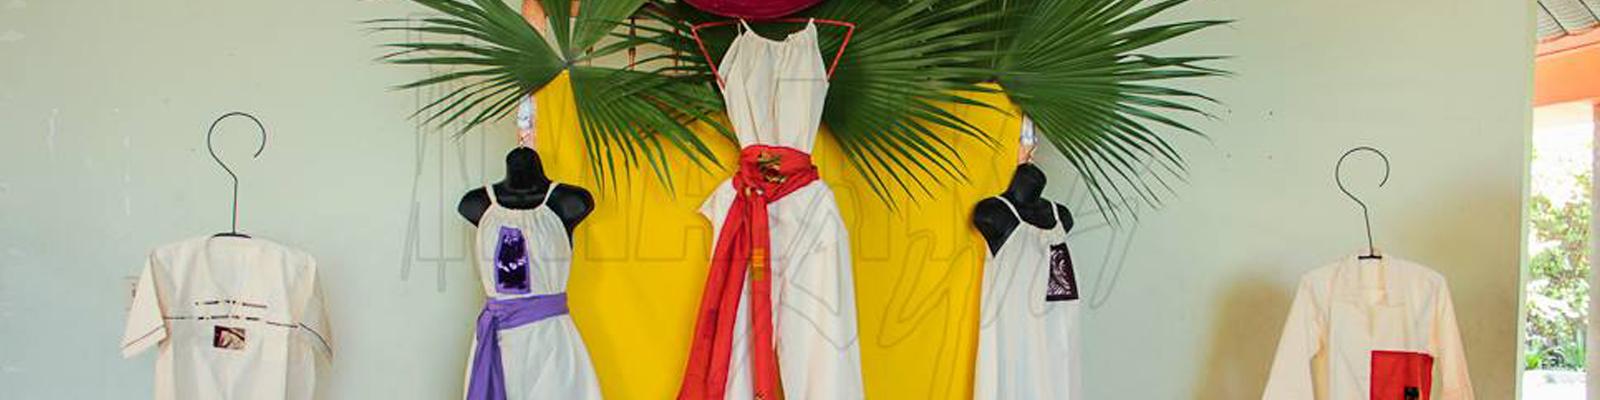 Afrikarib : La mode et l'élégance à la portée de tout le monde